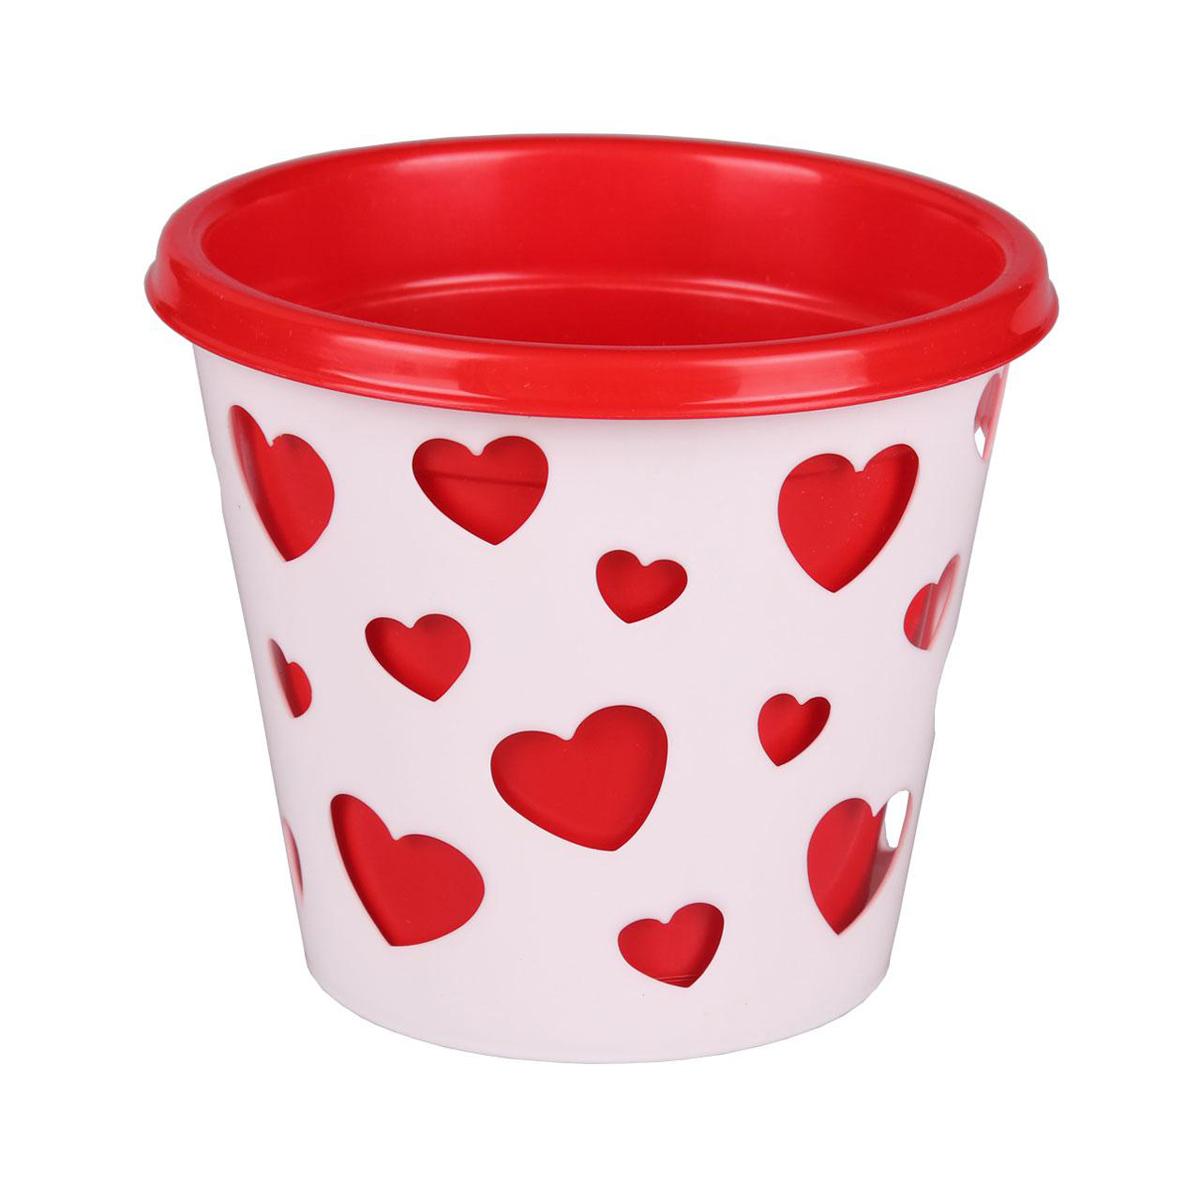 Горшок-кашпо Альтернатива Валентинка, со вставкой, цвет: красный, белый, 2 лZ-0307Горшок-кашпо Альтернатива Валентинка выполнен из высококачественного пластика. Стенки изделия декорированы перфорацией в виде сердец разного размера. В комплекте пластиковая вставка, которая вставляется в горшок-кашпо. Такой горшок-кашпо прекрасно подойдет для выращивания растений и цветов в домашних условиях. Лаконичный дизайн впишется в интерьер любого помещения. Размер горшка: 17 см х 17 см х 16,5 см. Размер вставки: 18 см х 18 см х 16 см.Объем: 2 л.